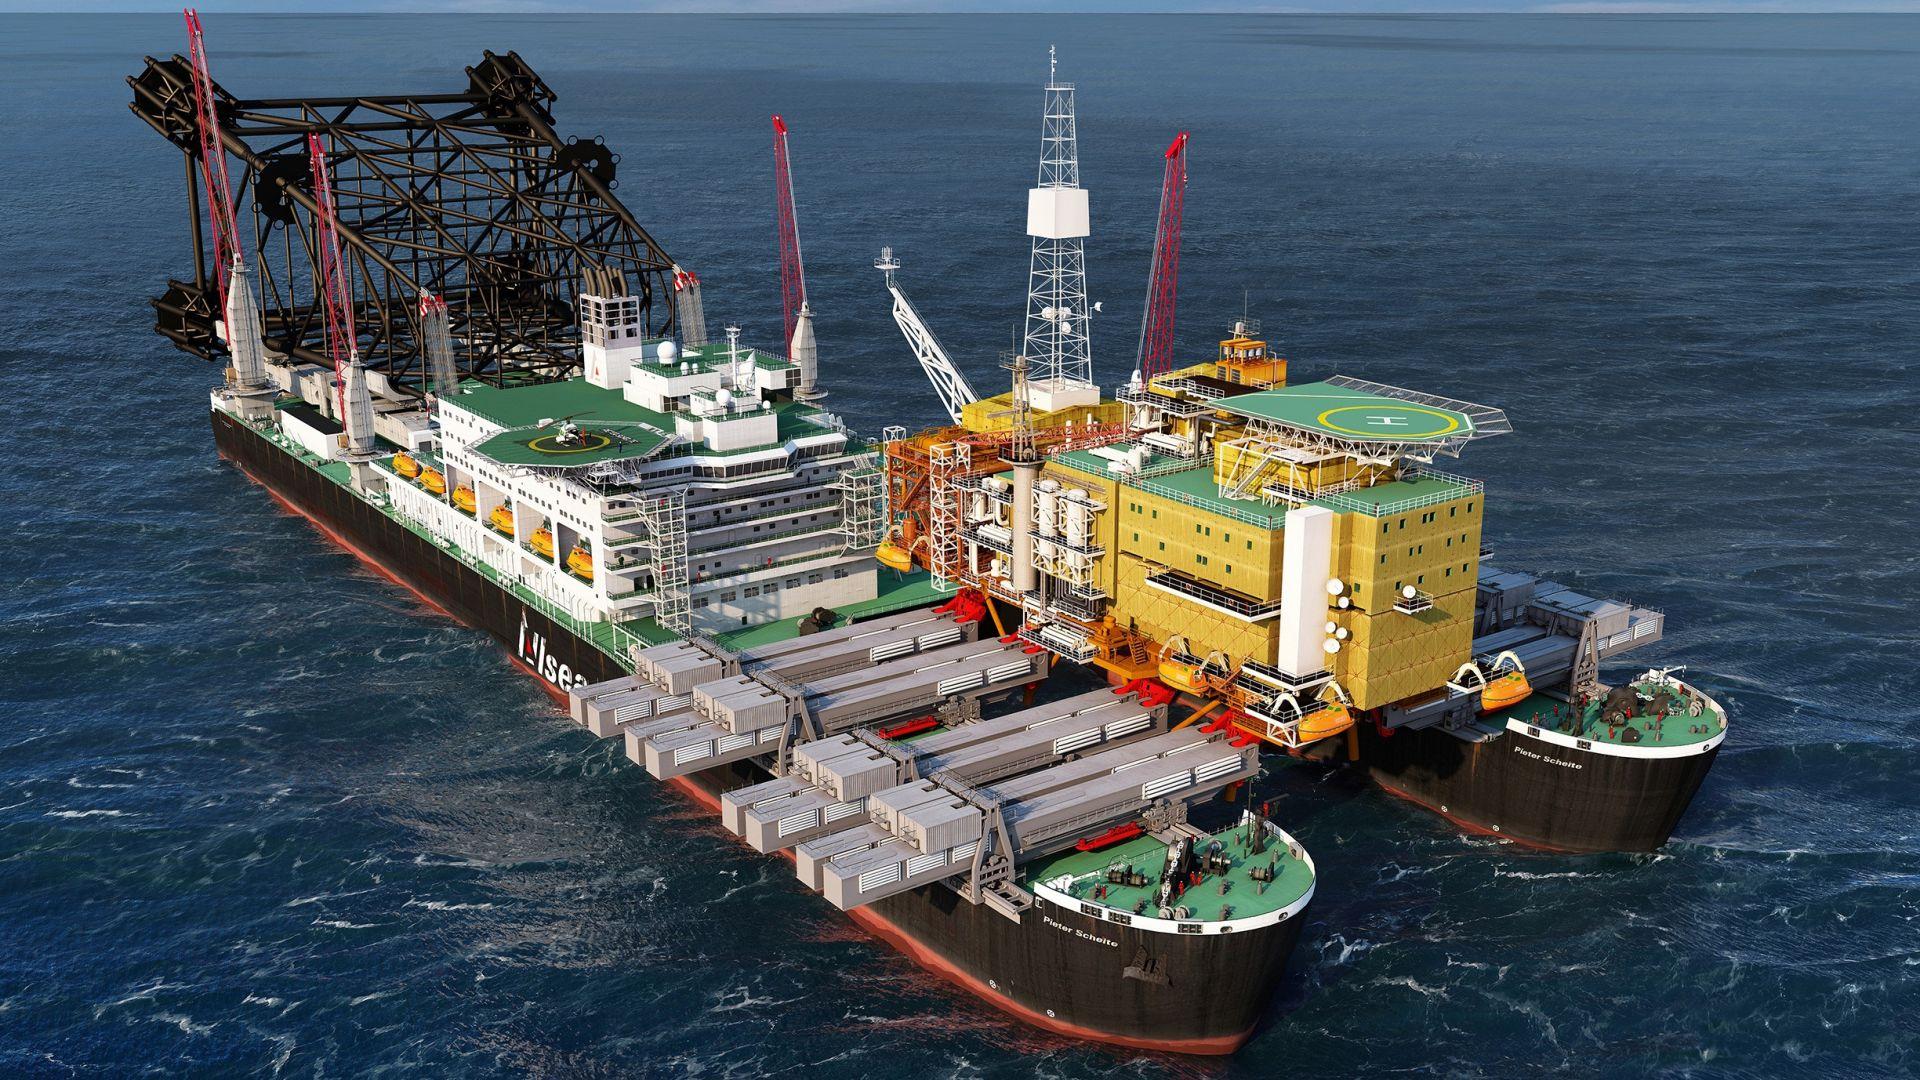 ANP libera empresas americanas de petróleo a explorar no Brasil, uma nova era esta surgindo